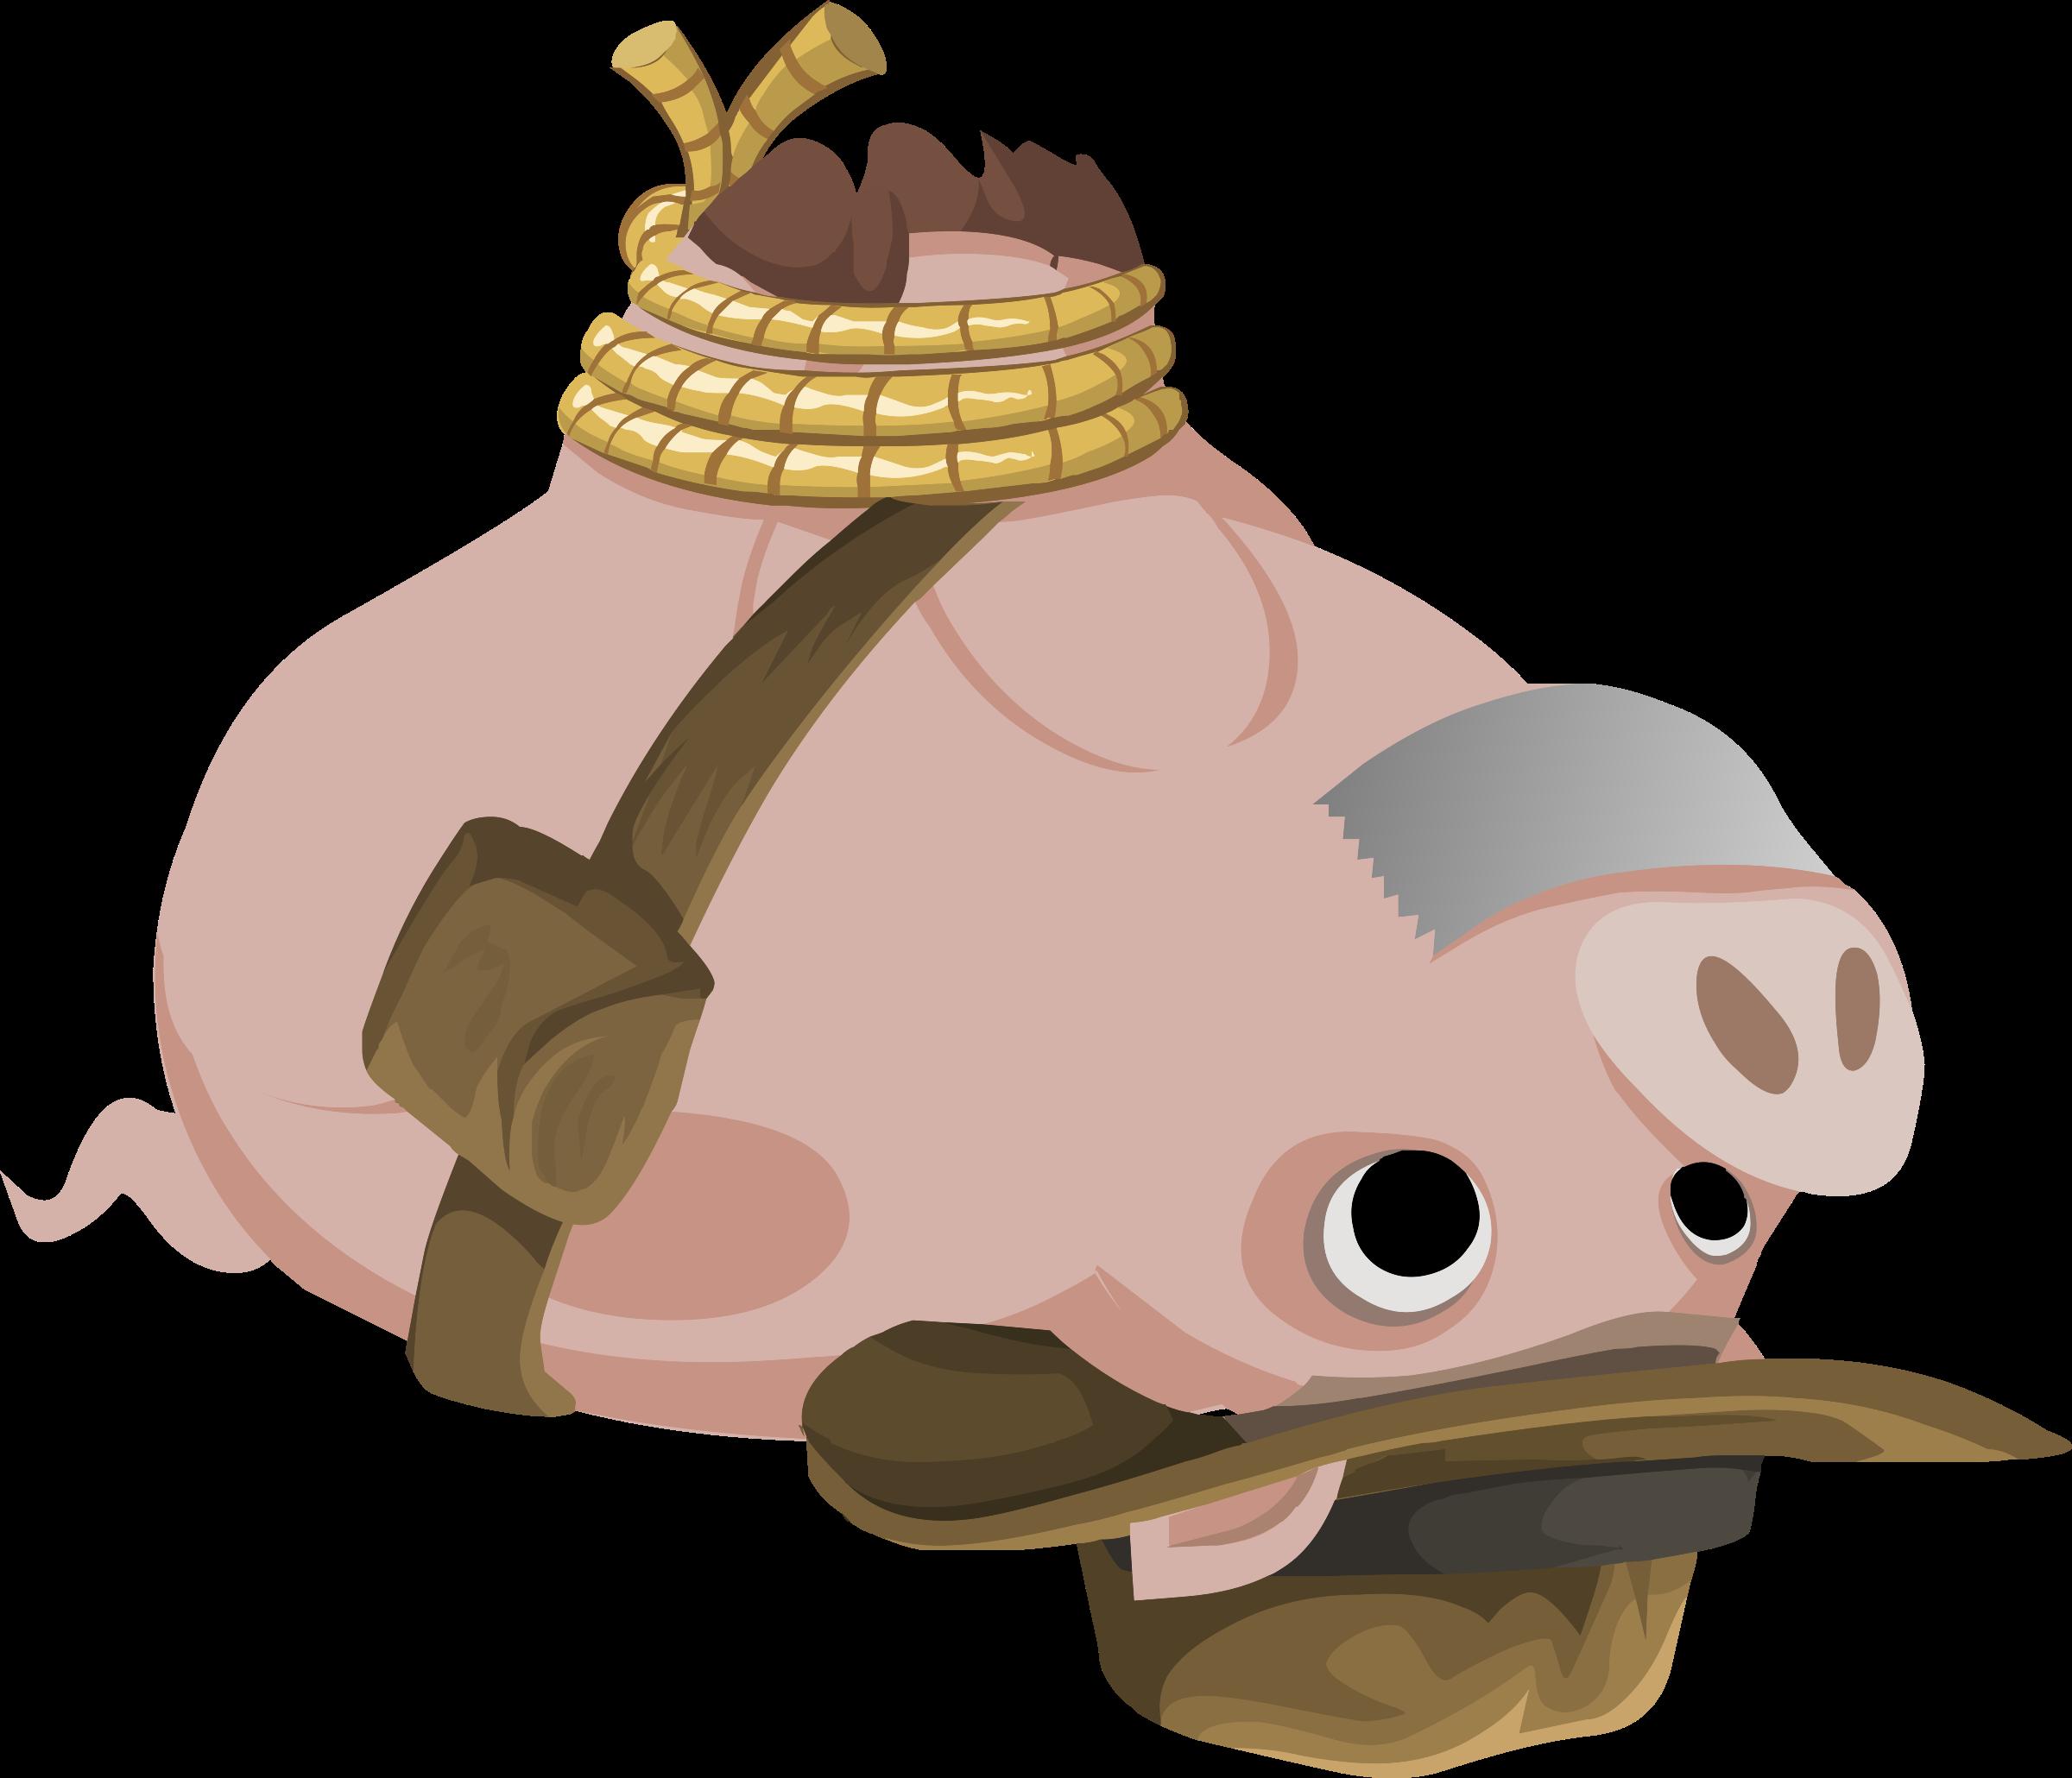 Quest items hogtied piggy. Computers clipart item